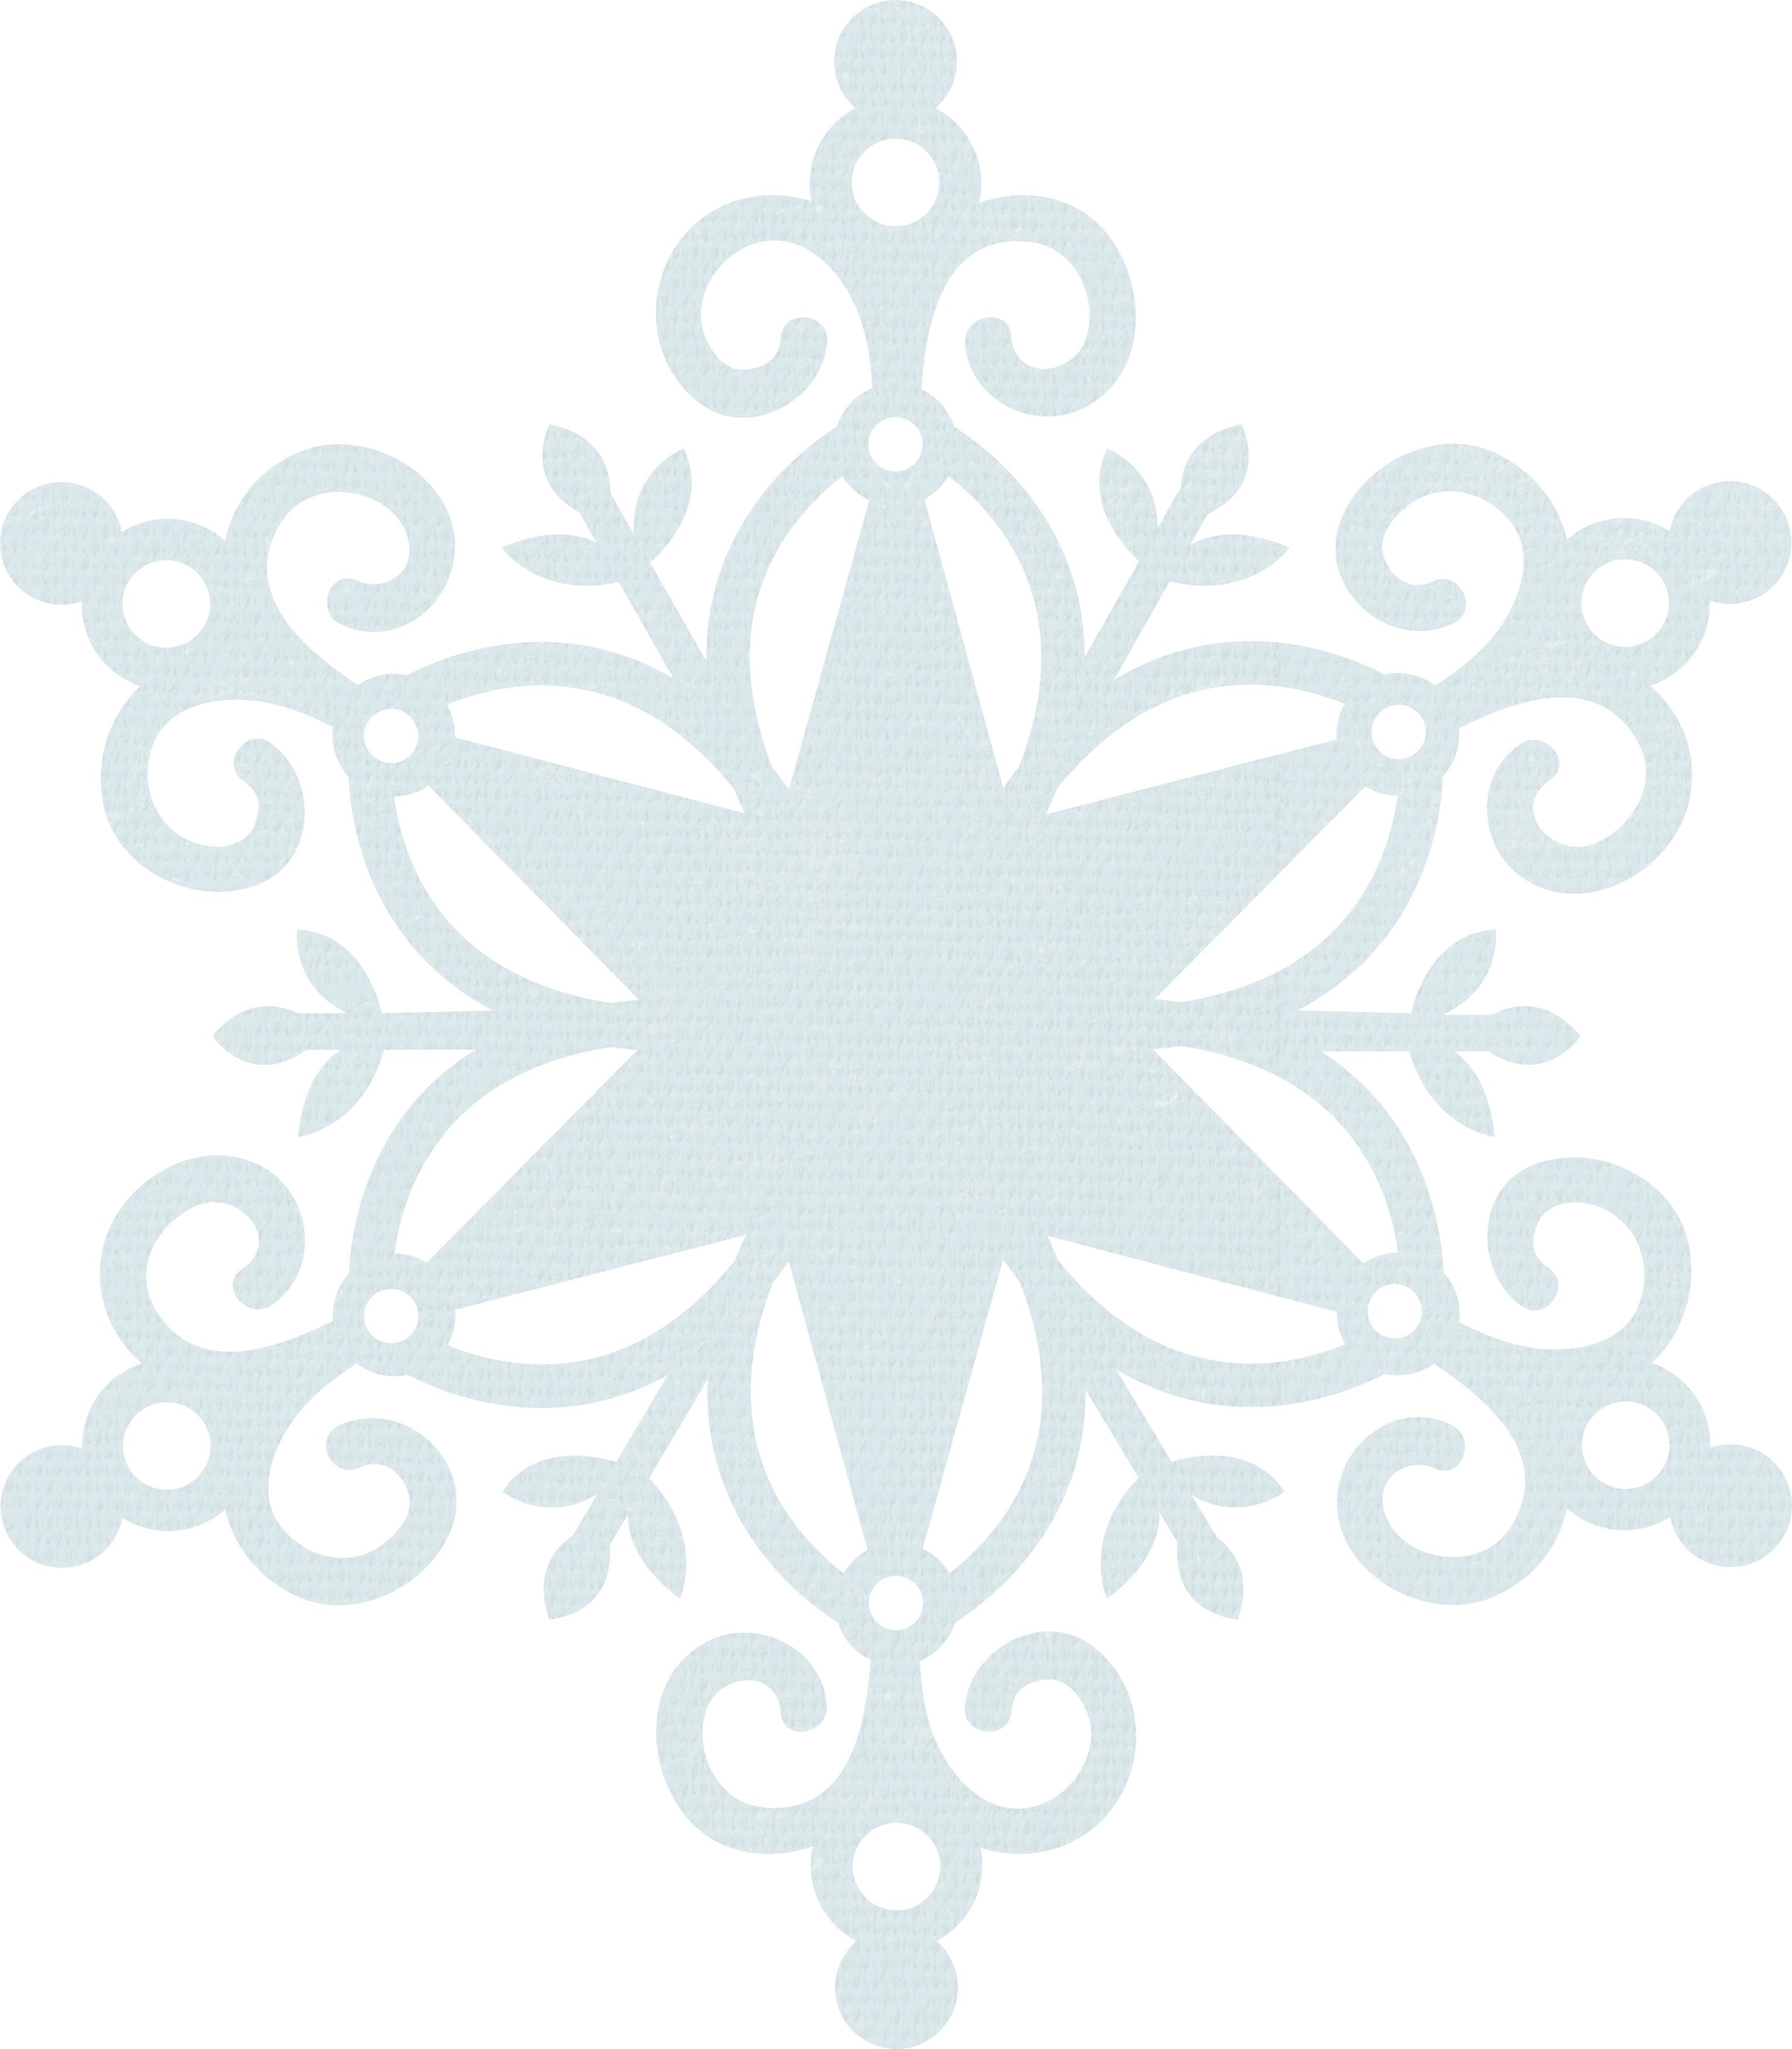 Wonderland Snowflake Die Cut Paper